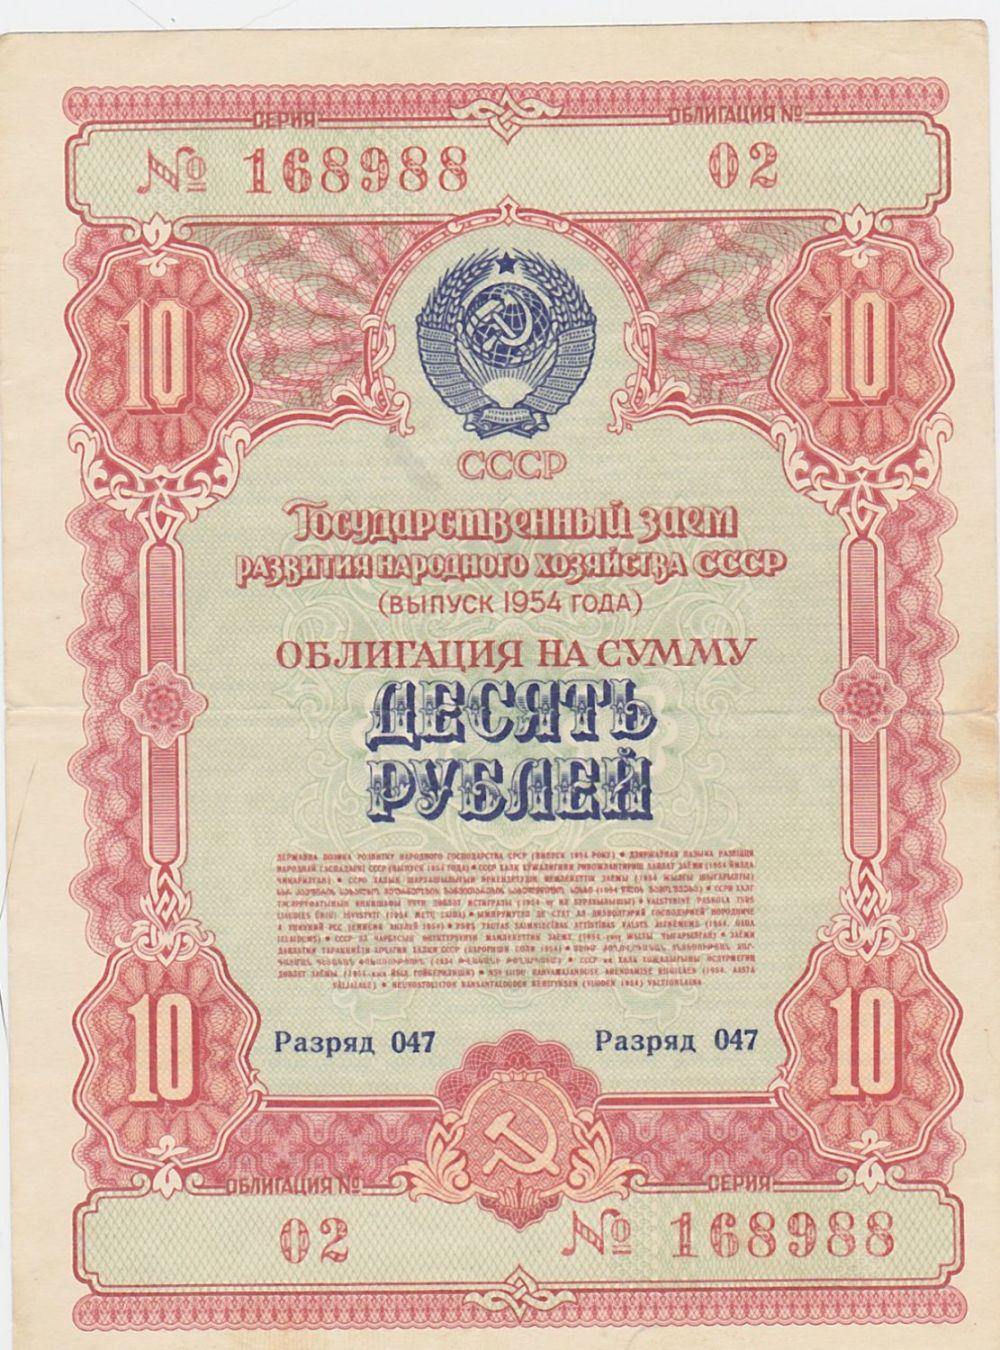 государственный займ 1954 года